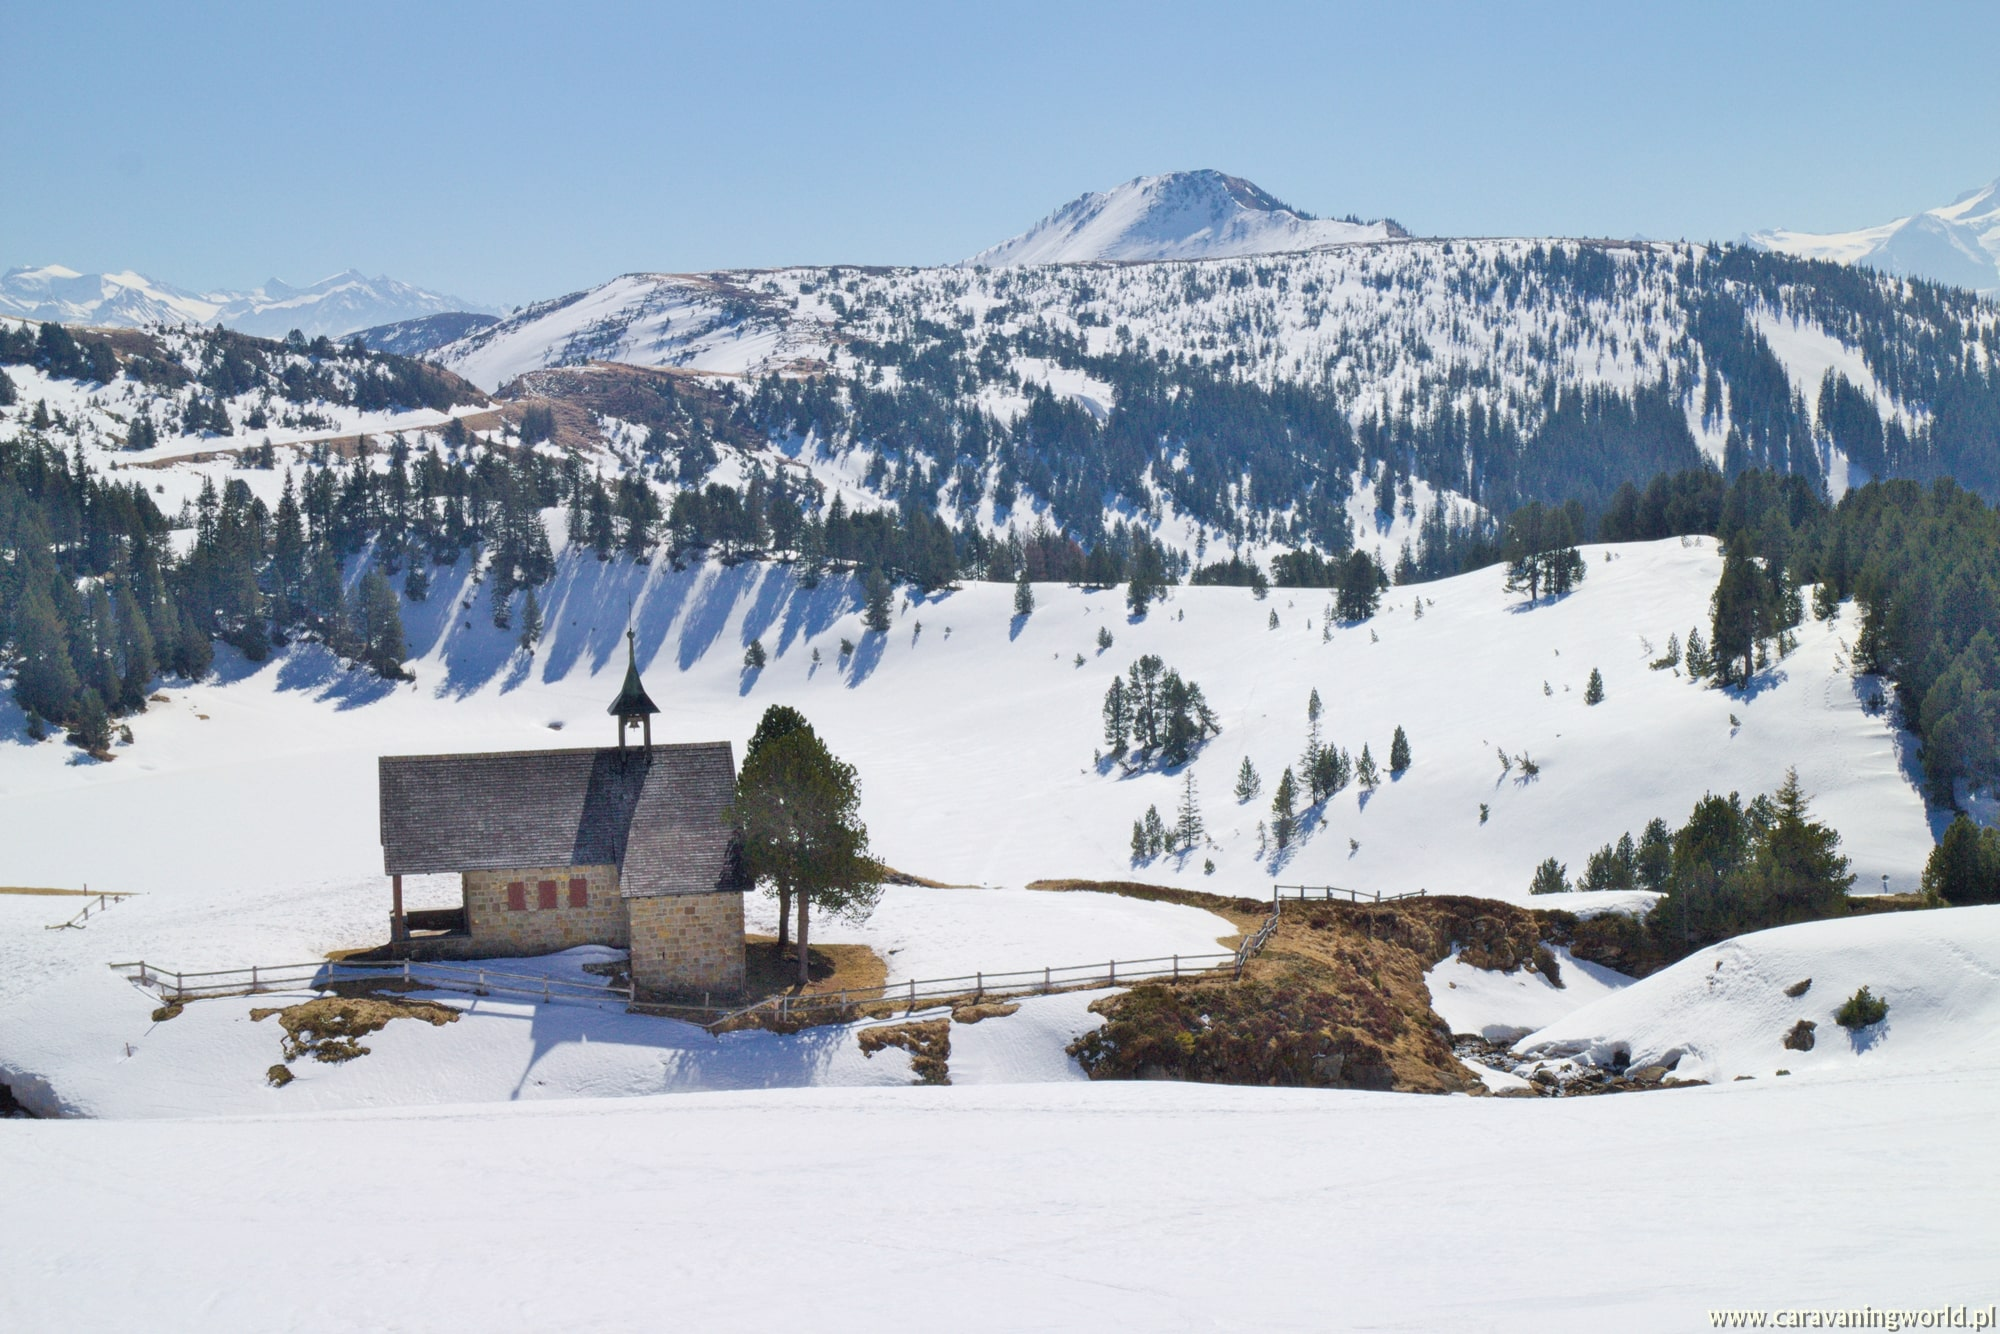 Jeziorko Sewenseeli jeszcze pod śniegiem